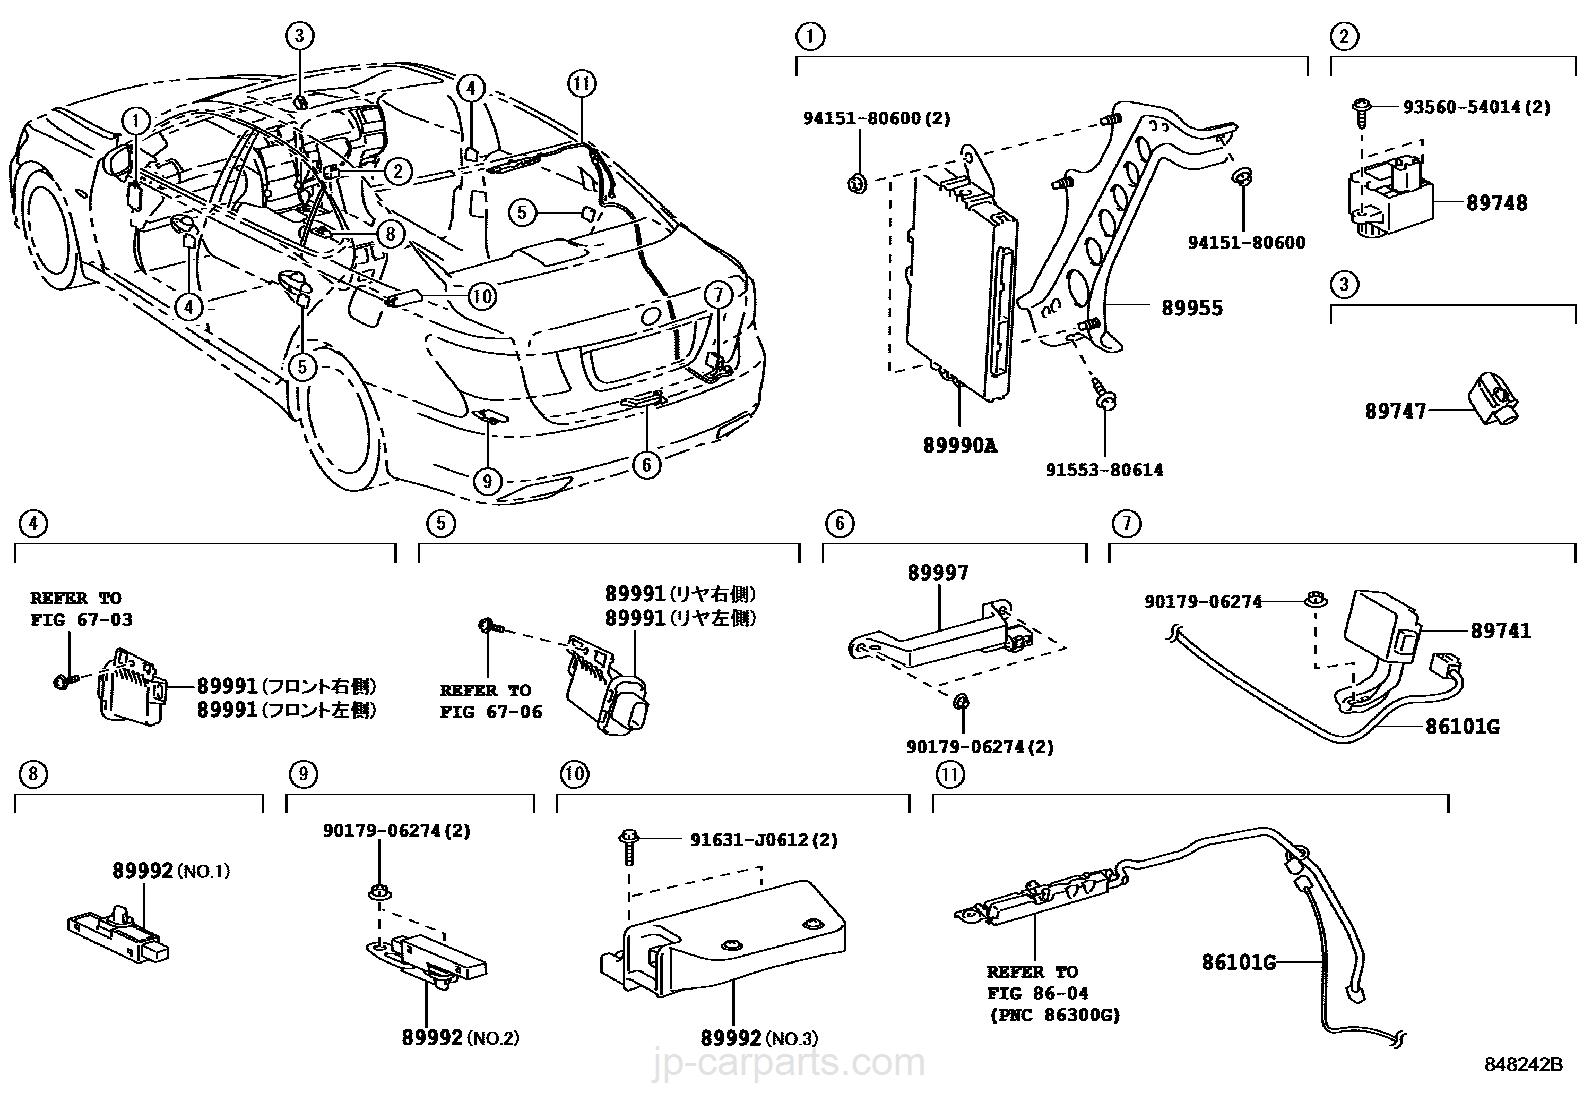 wireless door lock / lexus | part list|jp-carparts.com  jp-carparts.com